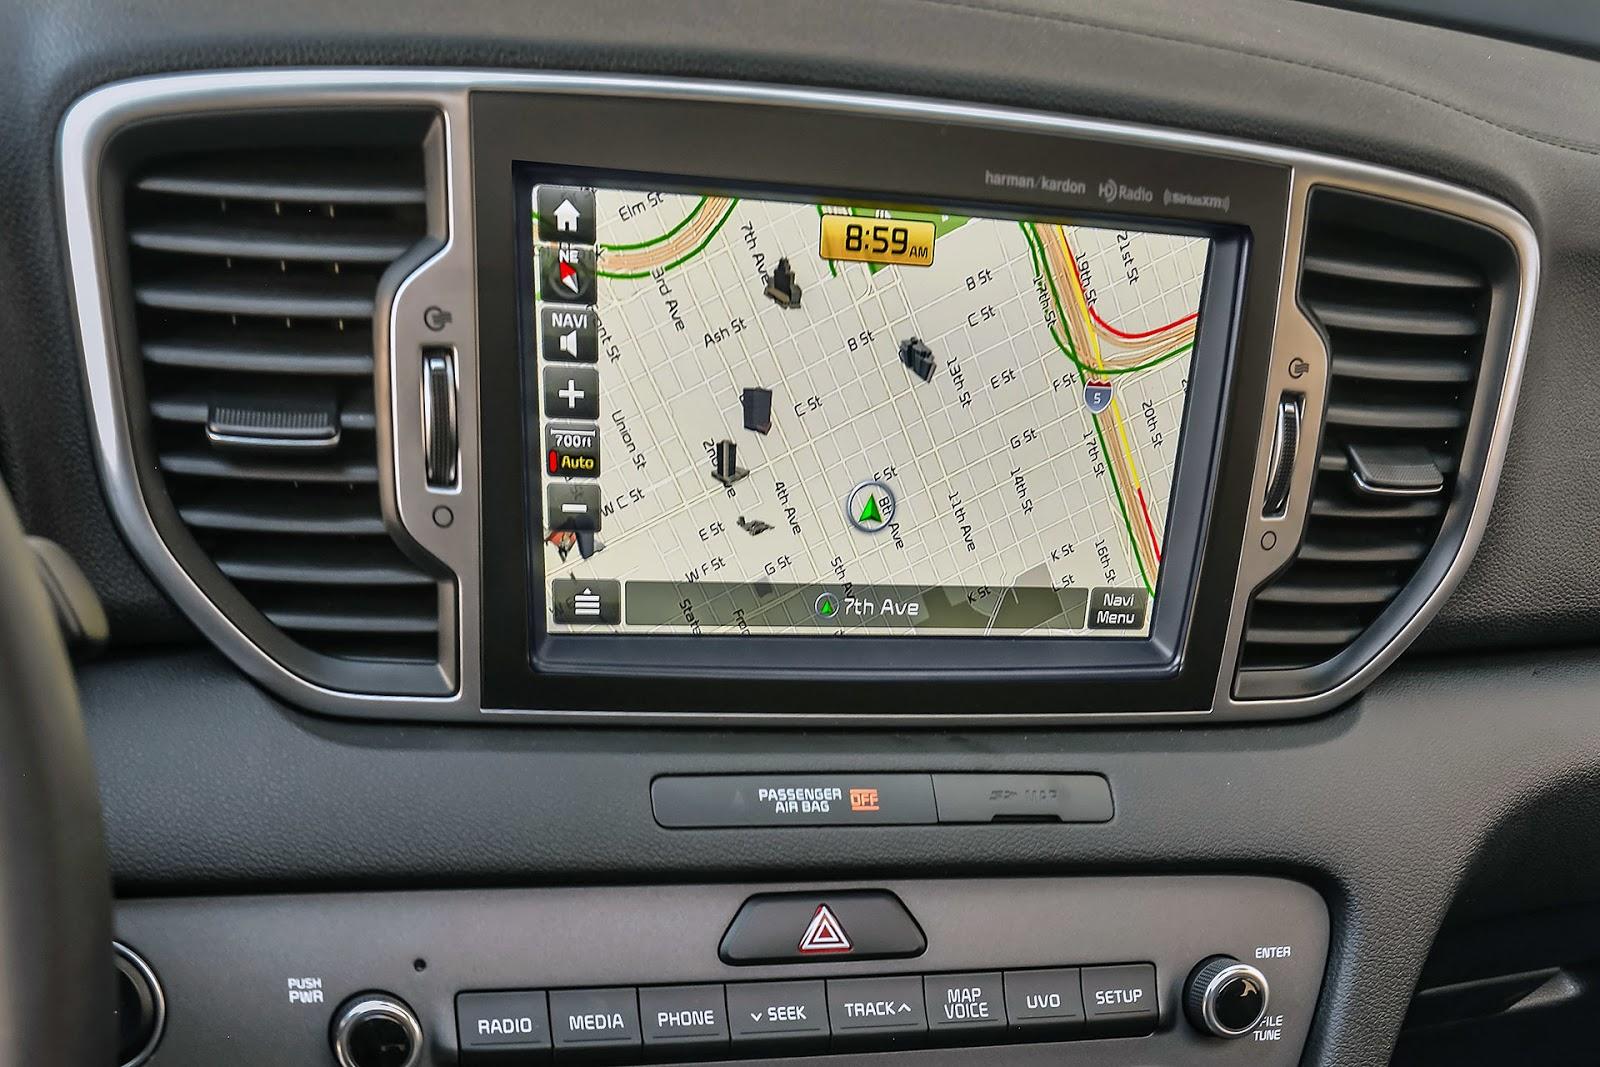 Xe được trang bị hệ thống điều khắp xe, hệ thống màn hình trực quan, dễ điều khiển